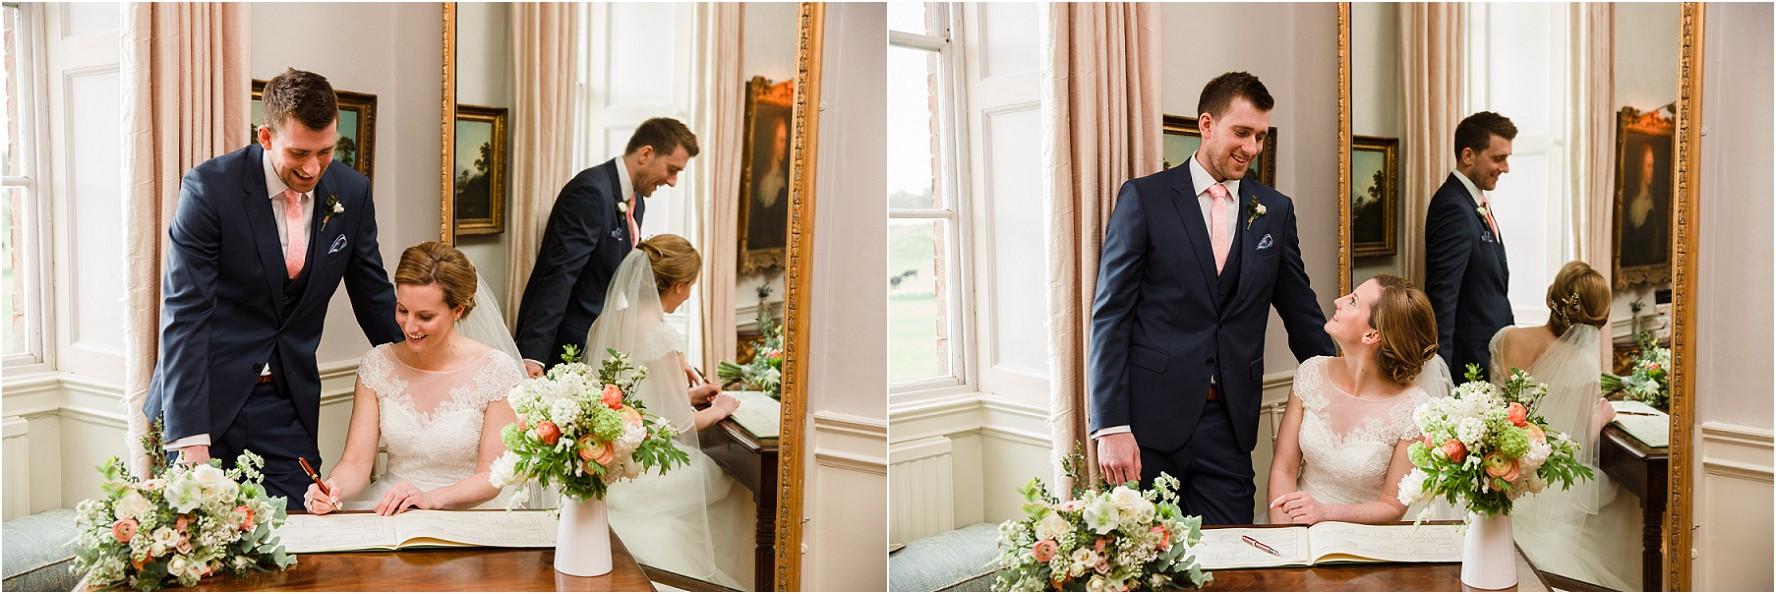 Wedding Photography Norwood Park_0074